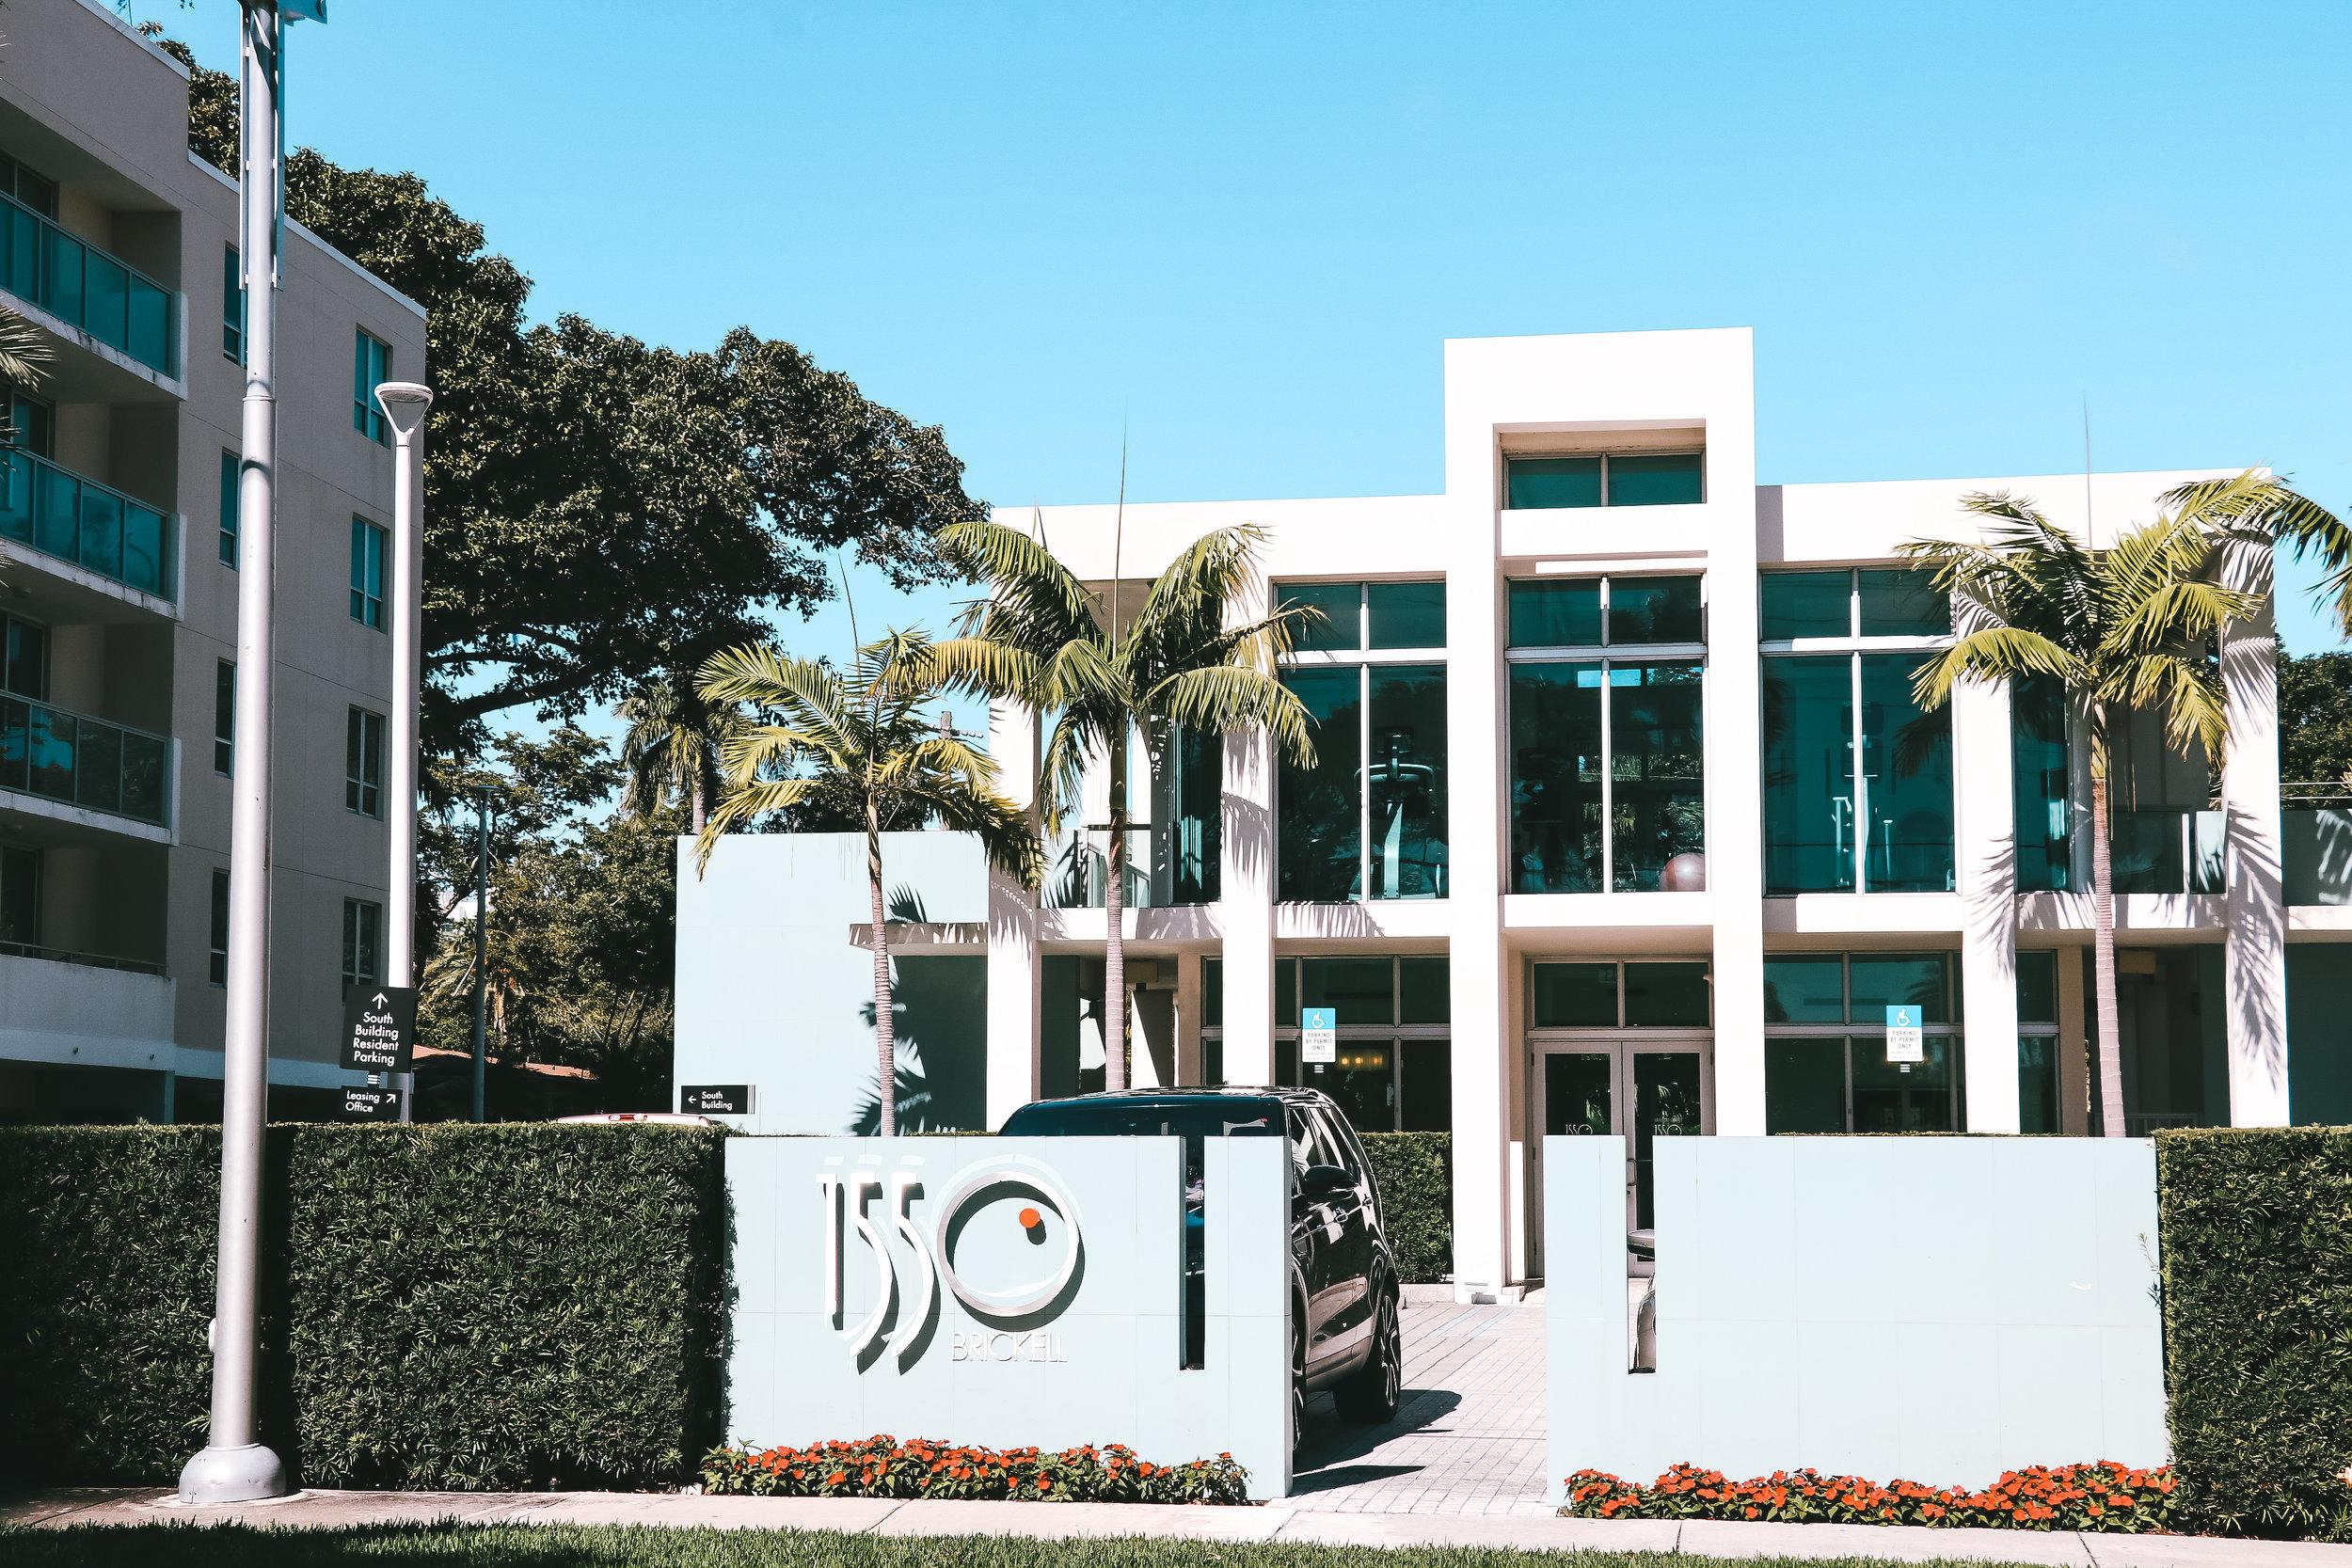 1550 Brickell Apts. - Address: 1550 Brickell Avenue Miami, FL 33129Number of Units: 160Info: Robert Green